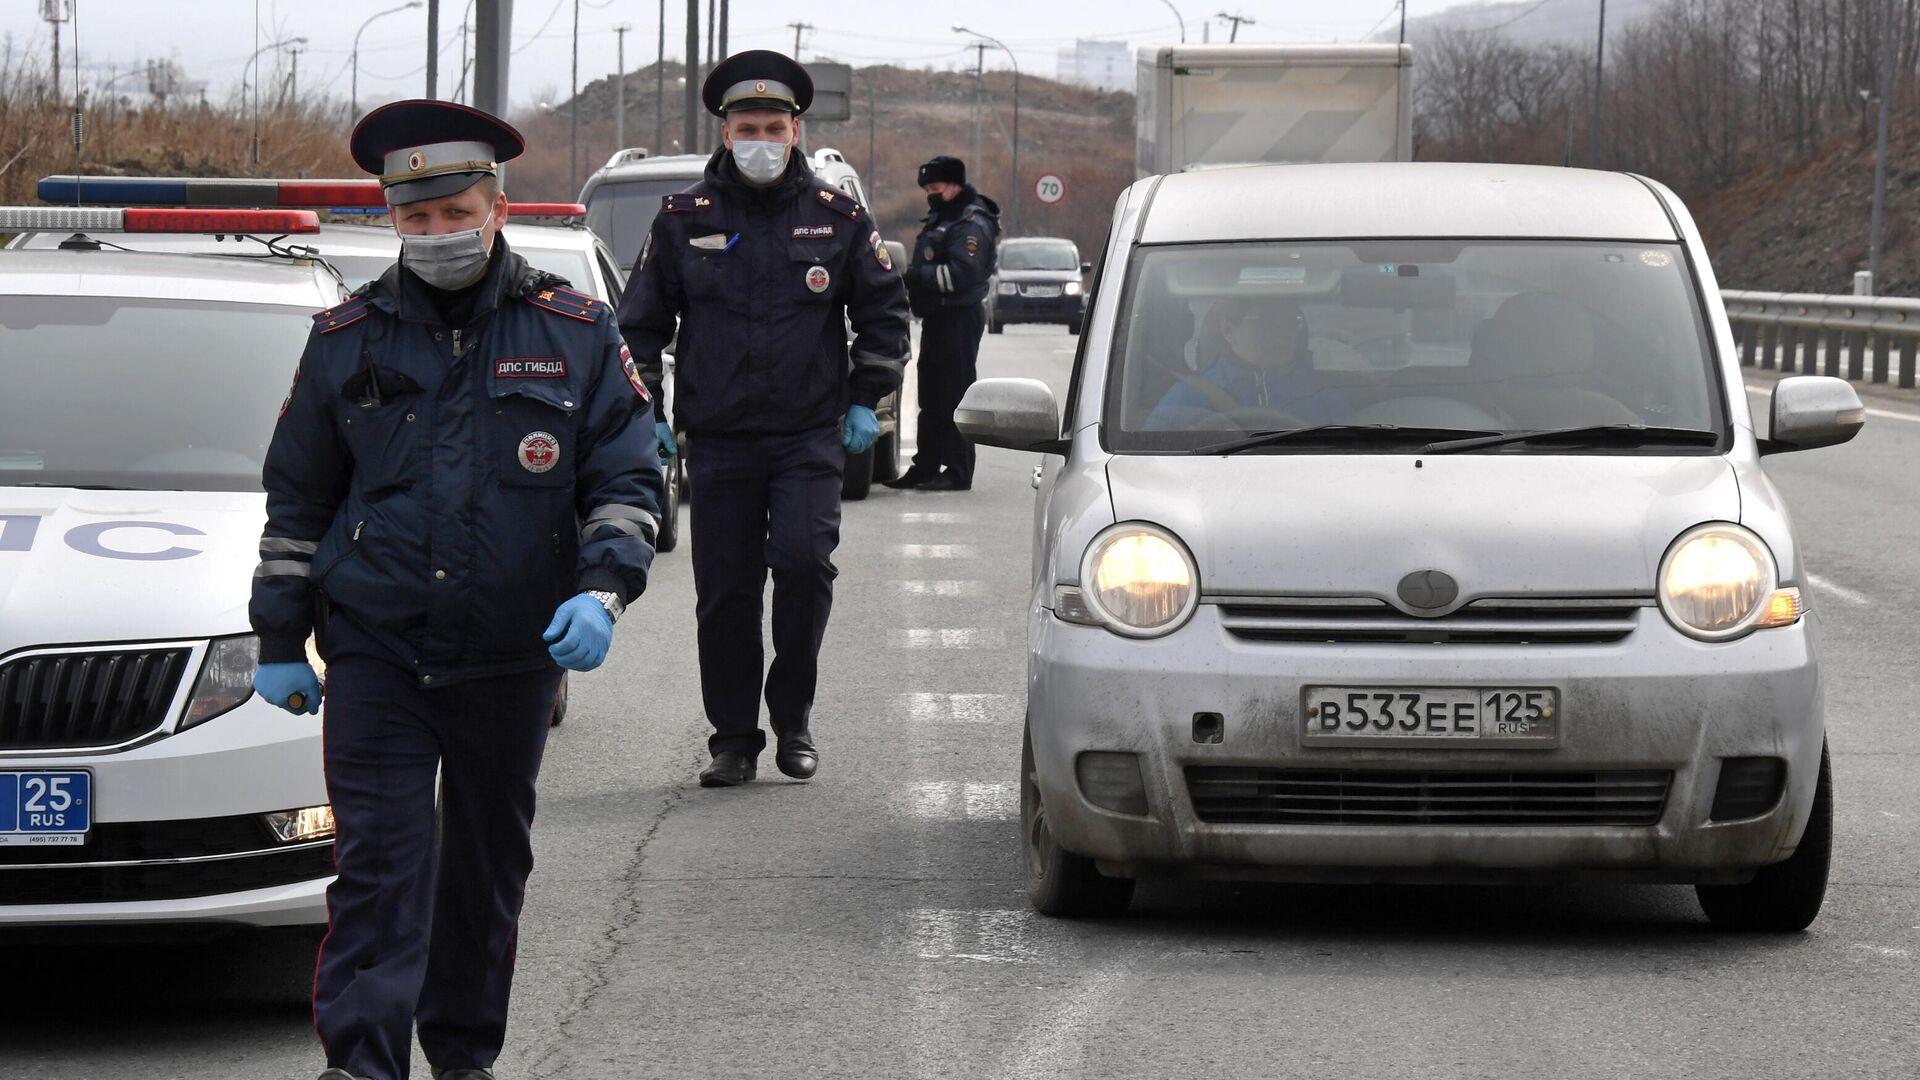 Инспекторы ДПС проверяют документы у водителей, въезжающих на остров Русский - РИА Новости, 1920, 25.01.2021